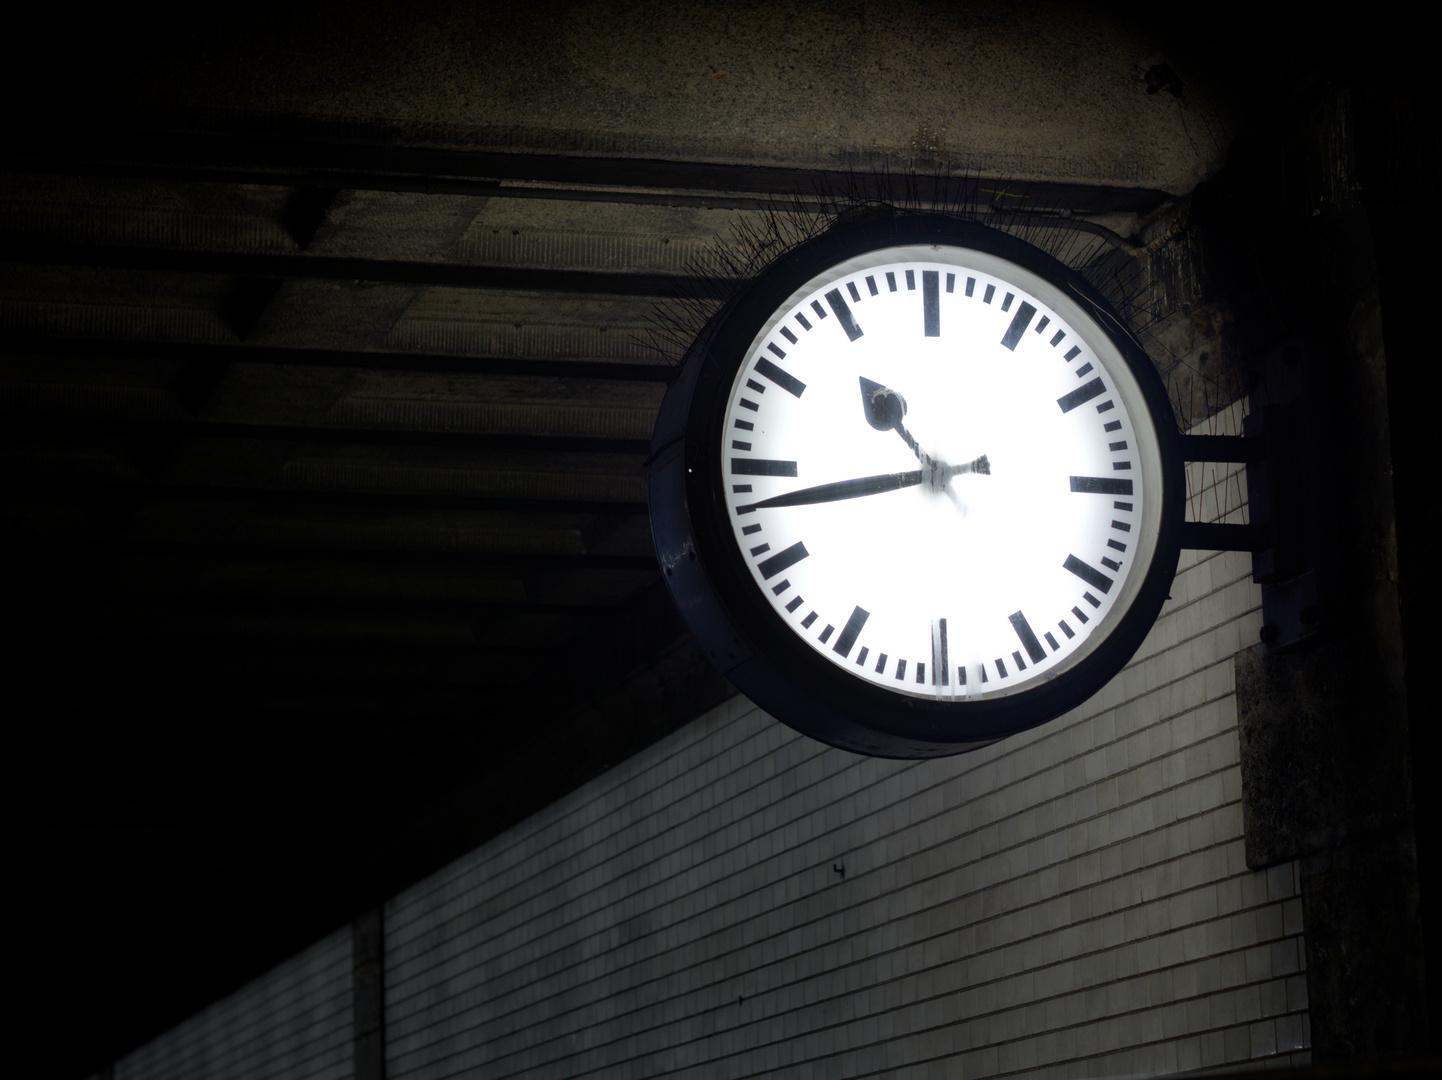 Wem die Stunde hat geschlagen, ...